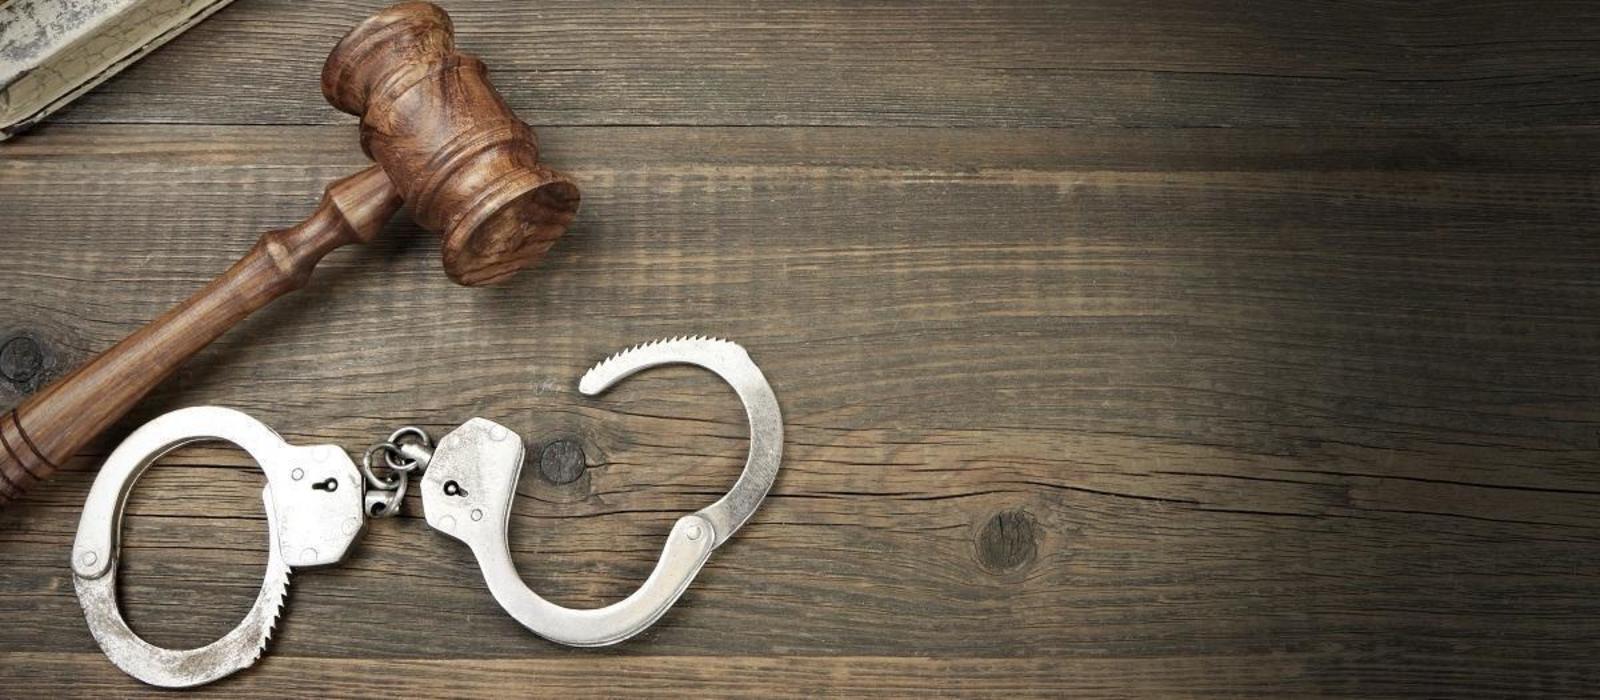 Ελαφρυντικό μη εύλογης διάρκειας δίκης: Κερκόπορτα για …απαλές καταδίκες σε βαριές υποθέσεις Διαφθοράς;